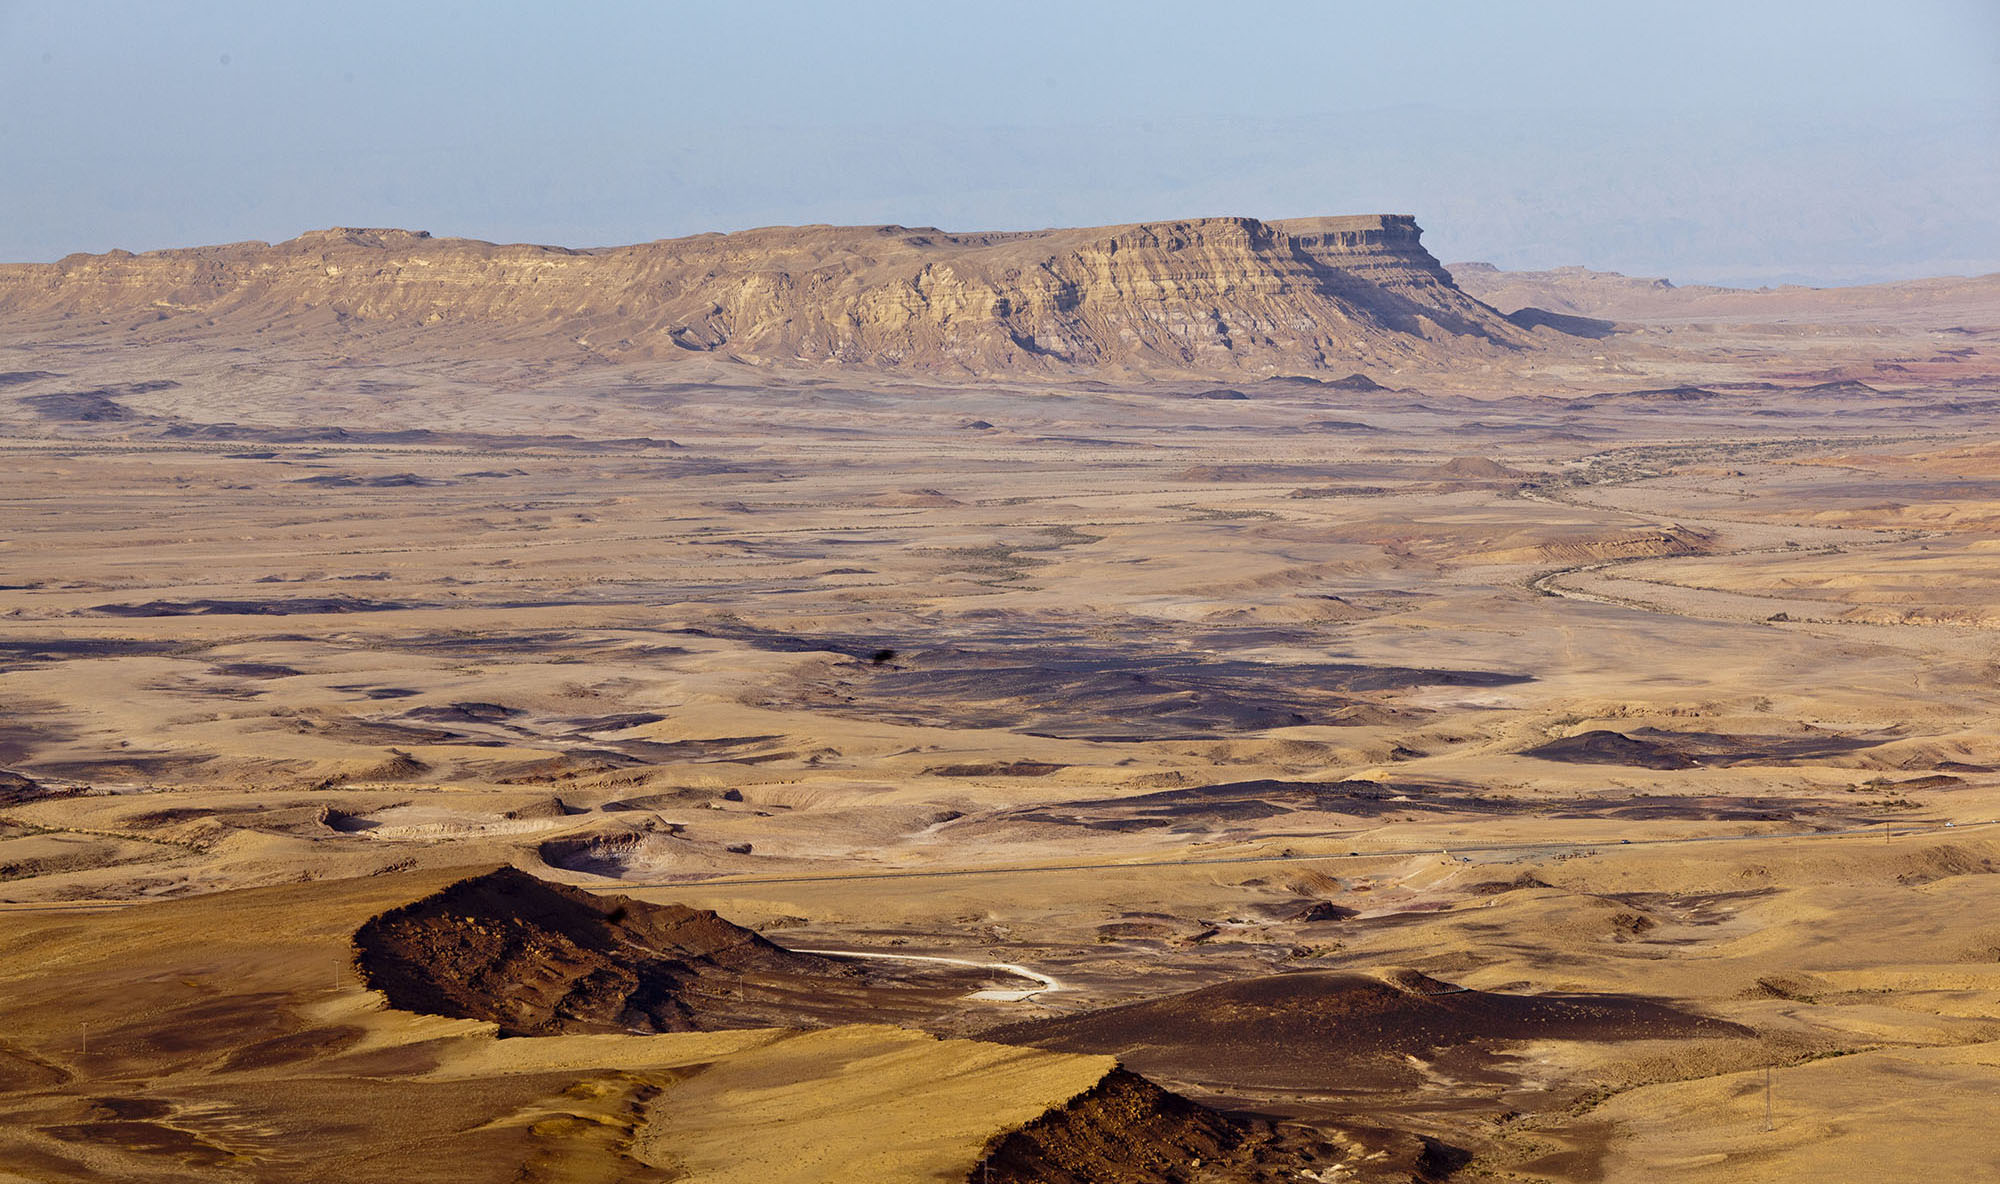 図鑑制作者のおしごと② ネゲブ砂漠で出会った生きものたち